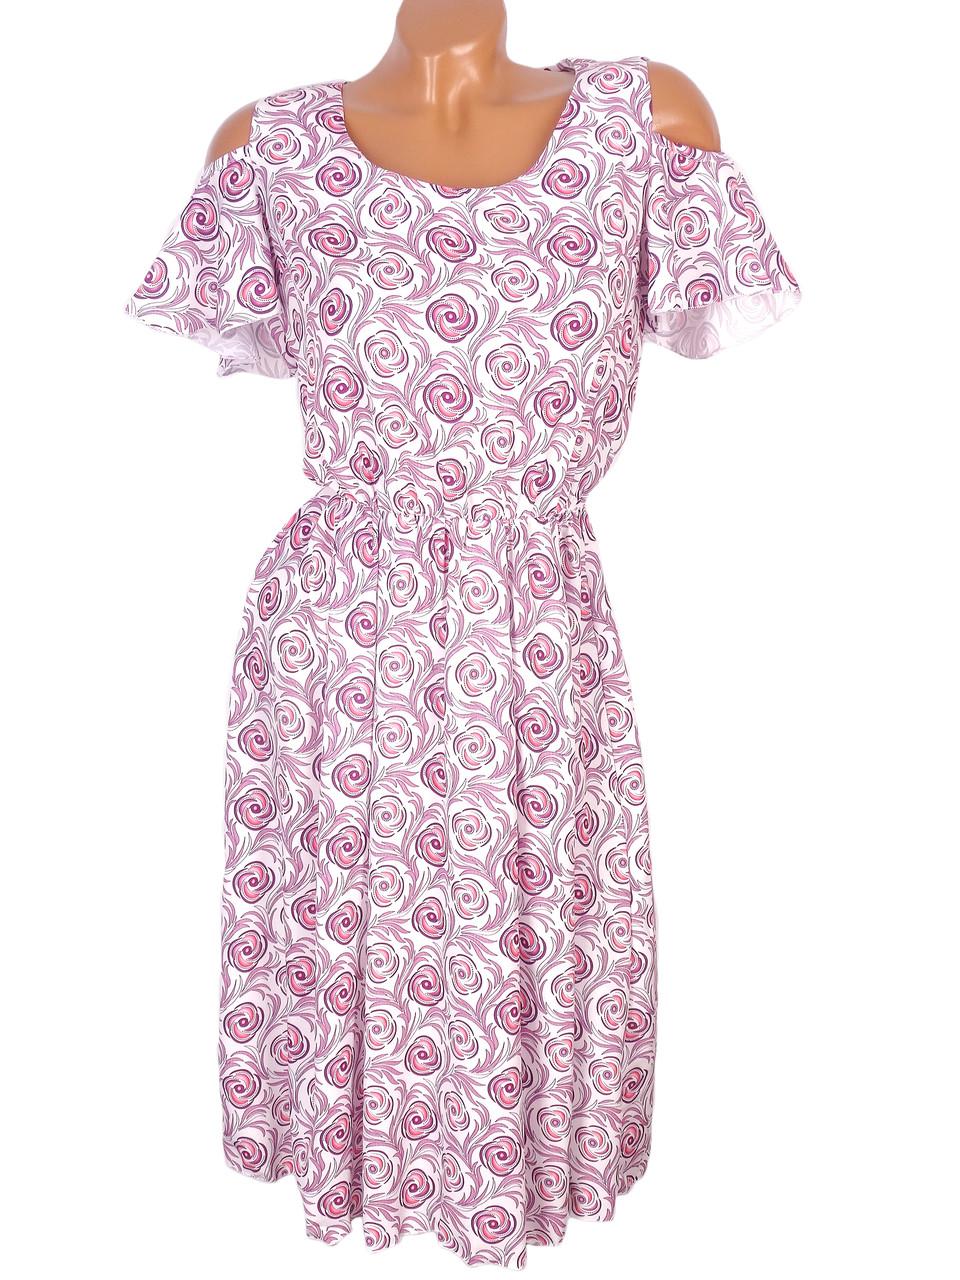 Платье весеннее в цветы с узорами 44-48